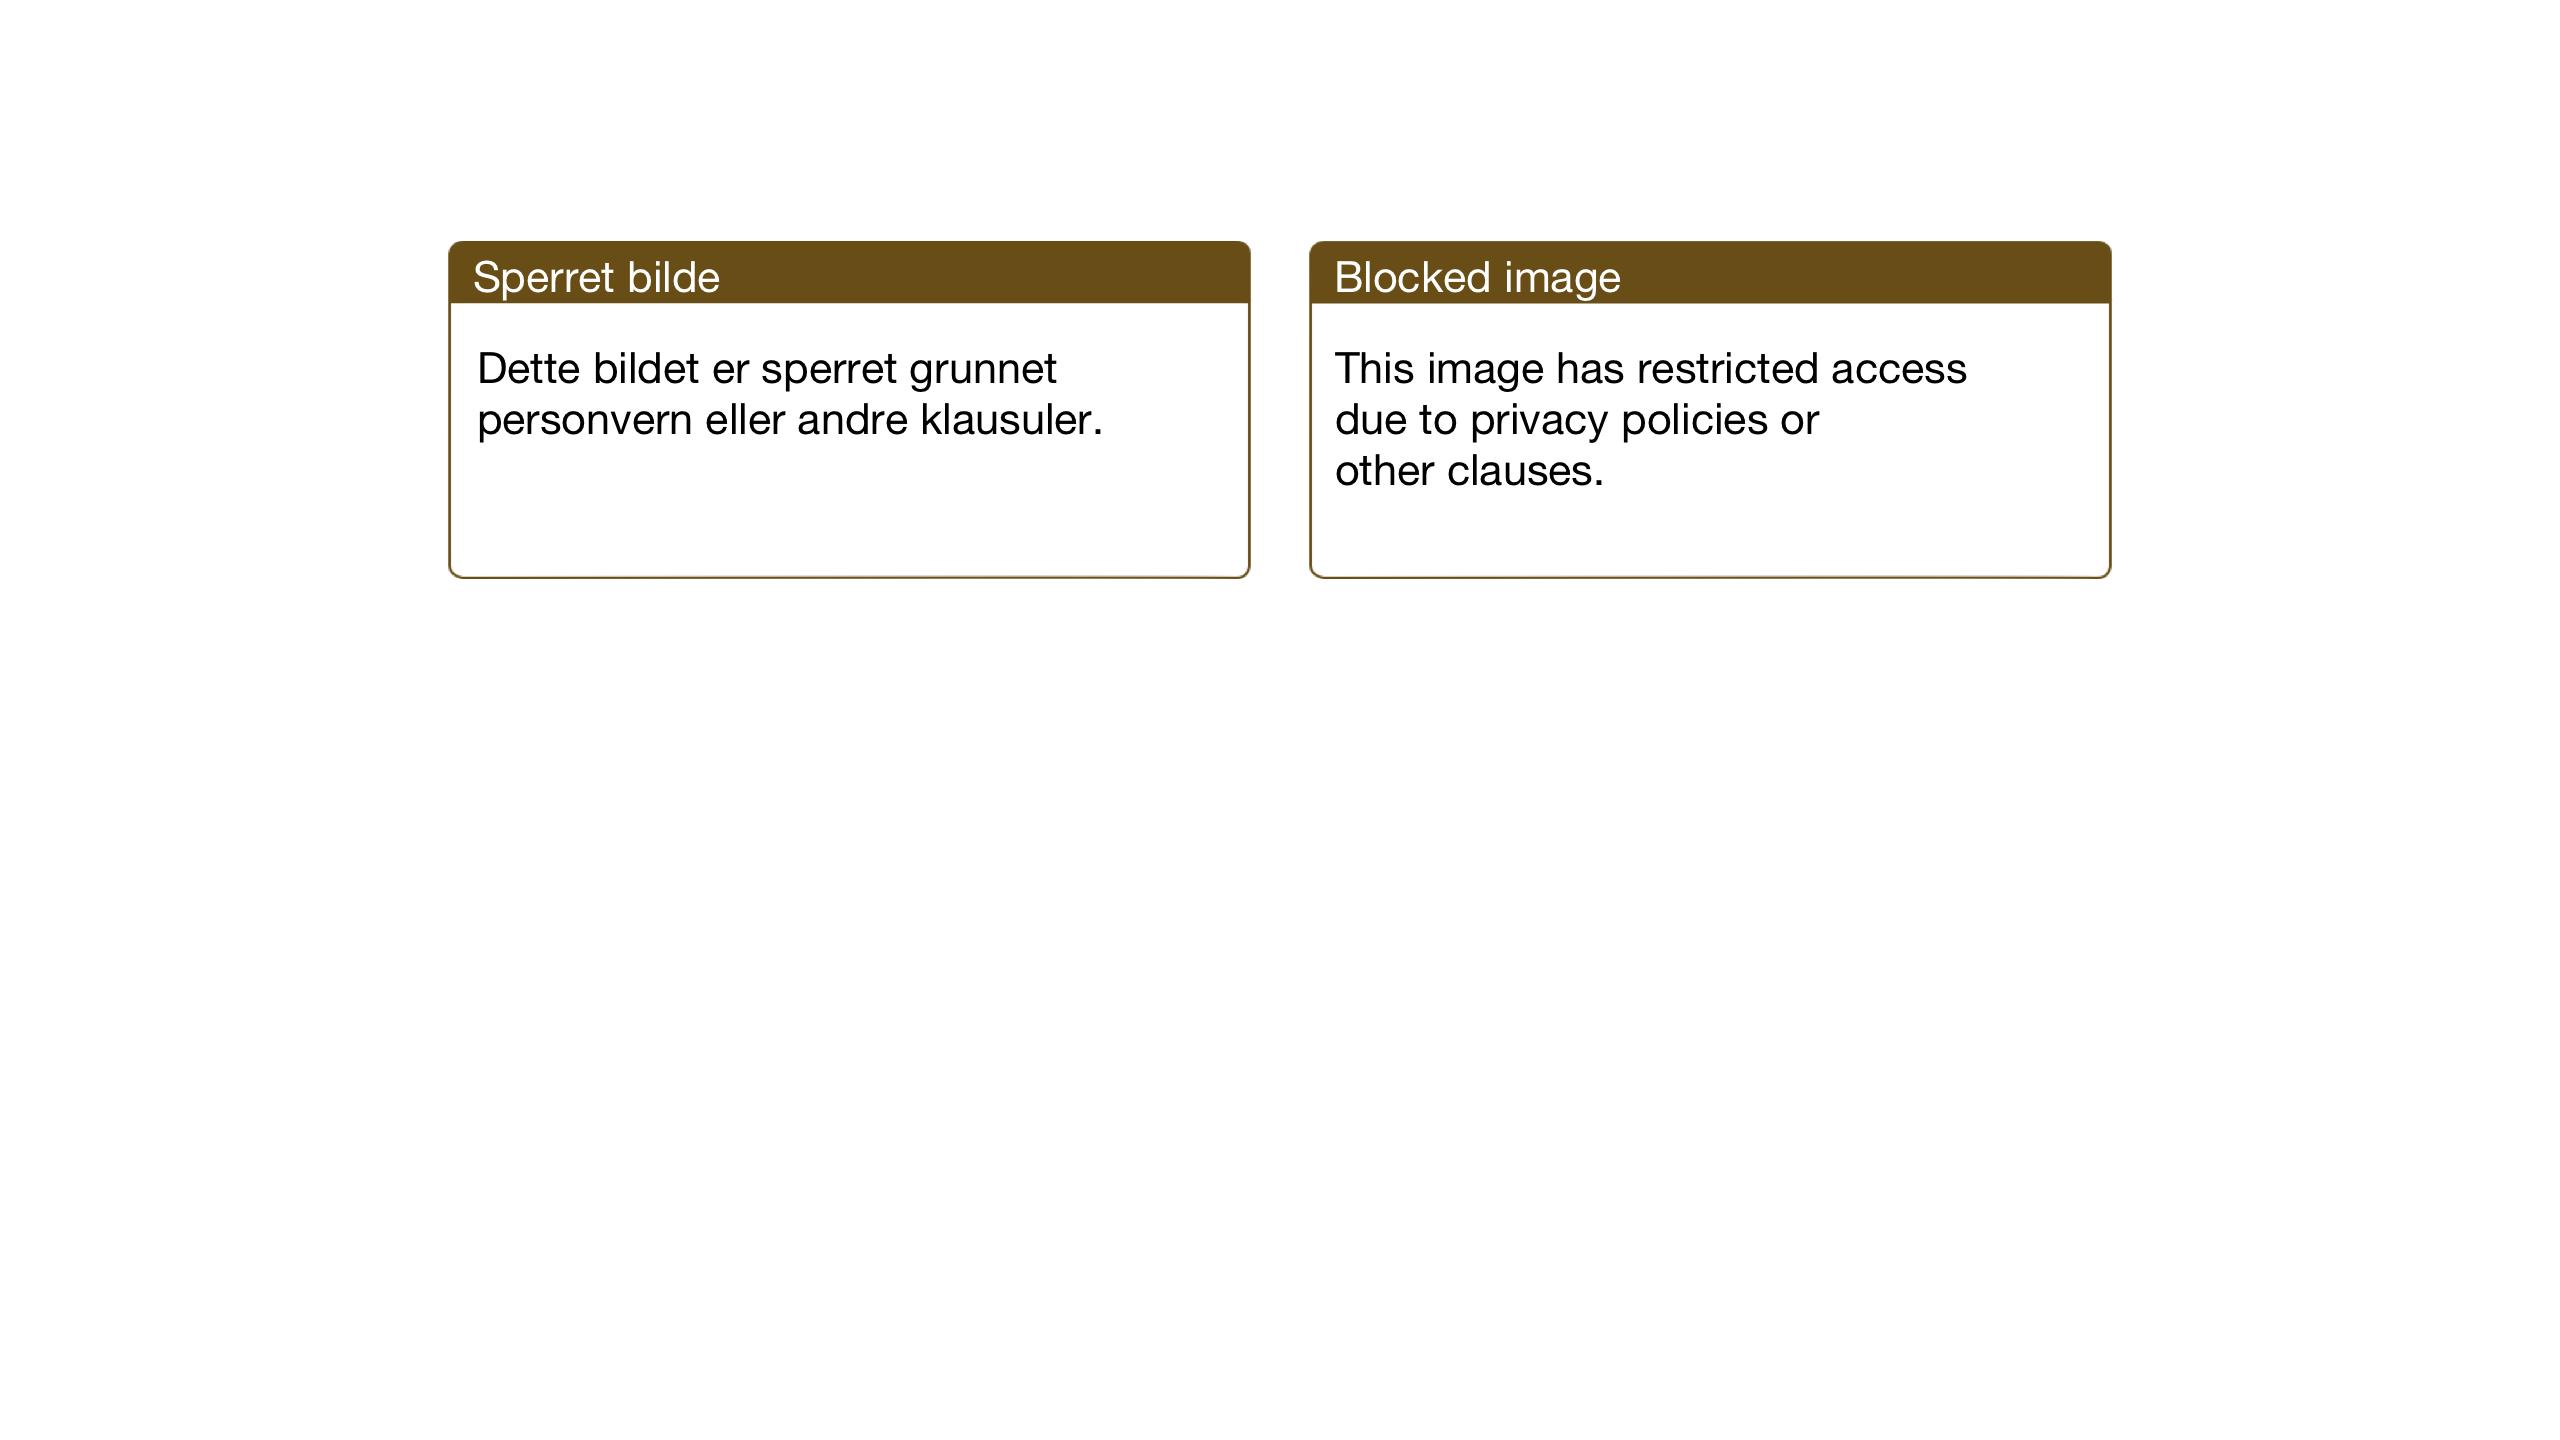 SAT, Ministerialprotokoller, klokkerbøker og fødselsregistre - Sør-Trøndelag, 603/L0174: Klokkerbok nr. 603C02, 1923-1951, s. 84